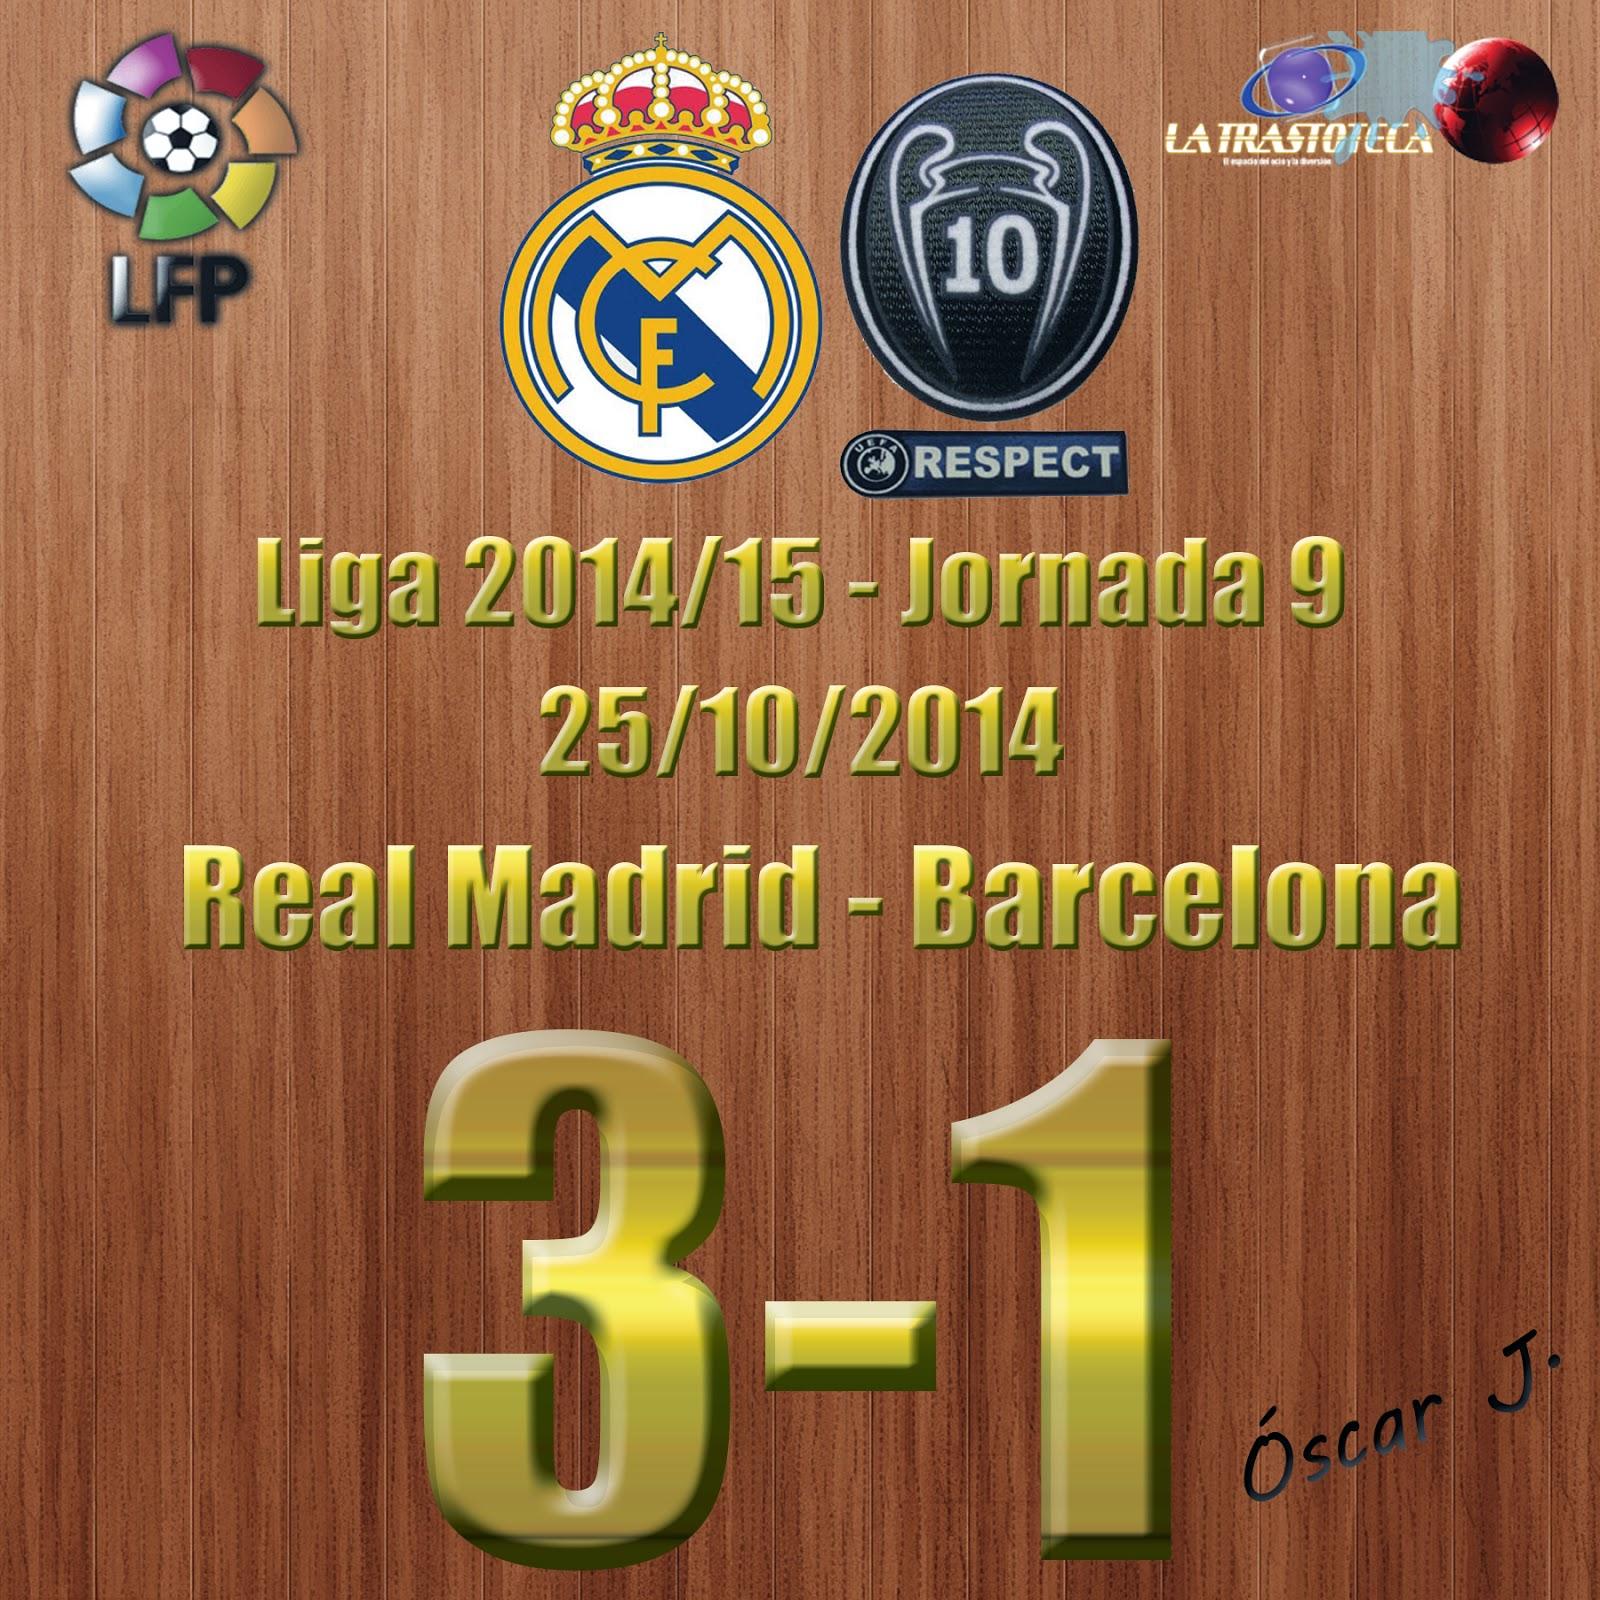 Real Madrid 3-1 Barcelona - Liga 2014/15 - (25/10/2014) El Barcelona hinca la rodilla en el Bernabéu.